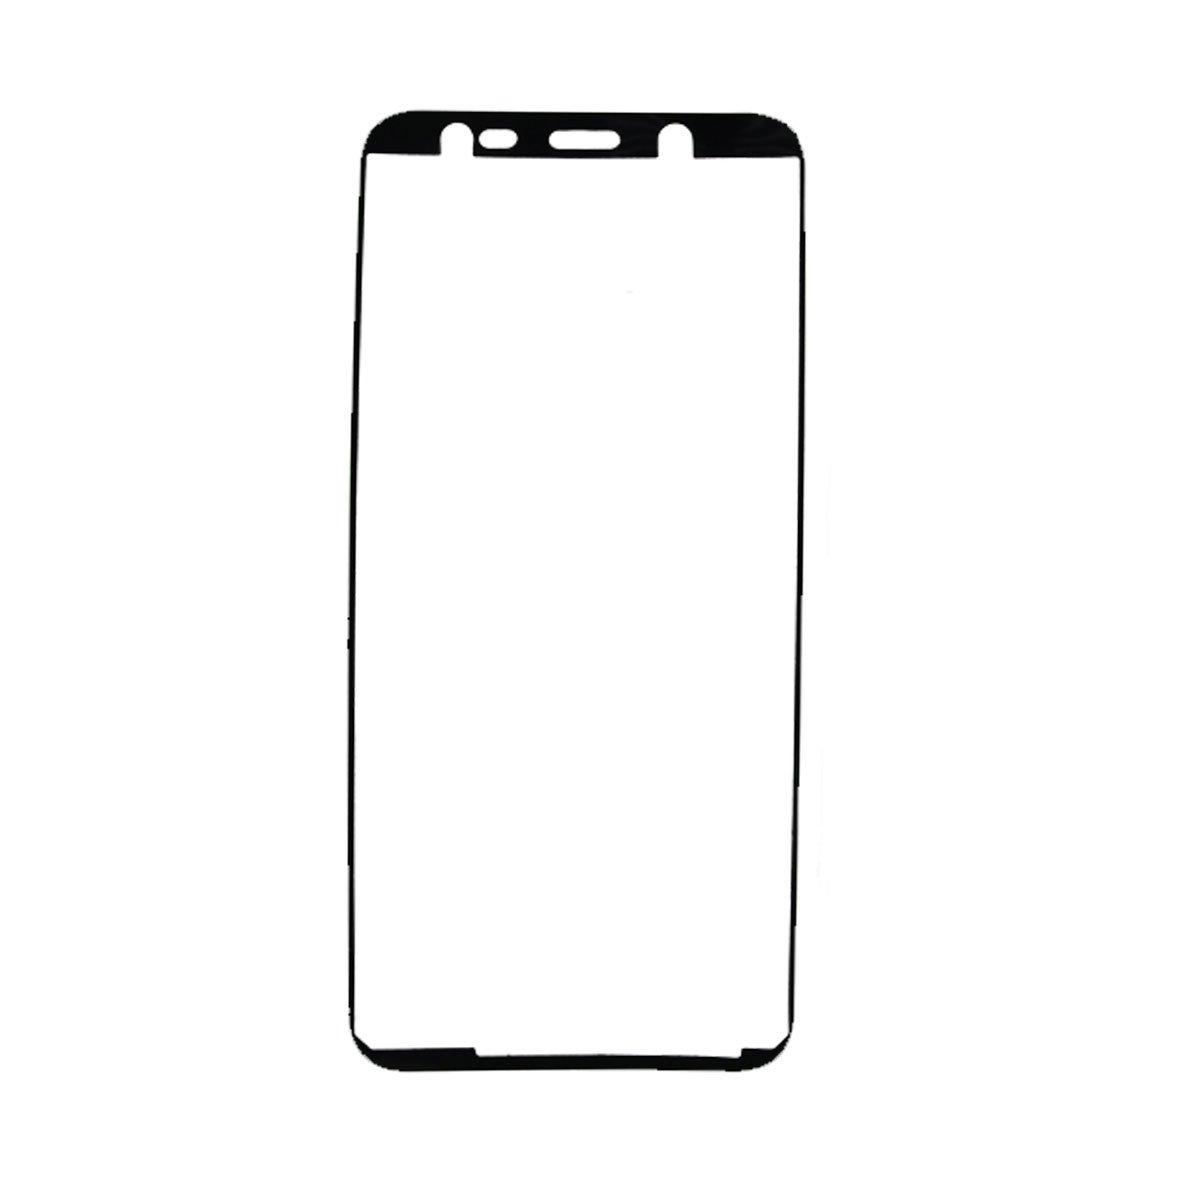 Скотч для Samsung Galaxy A6 (2018) A600F для сборки дисплейного модуля